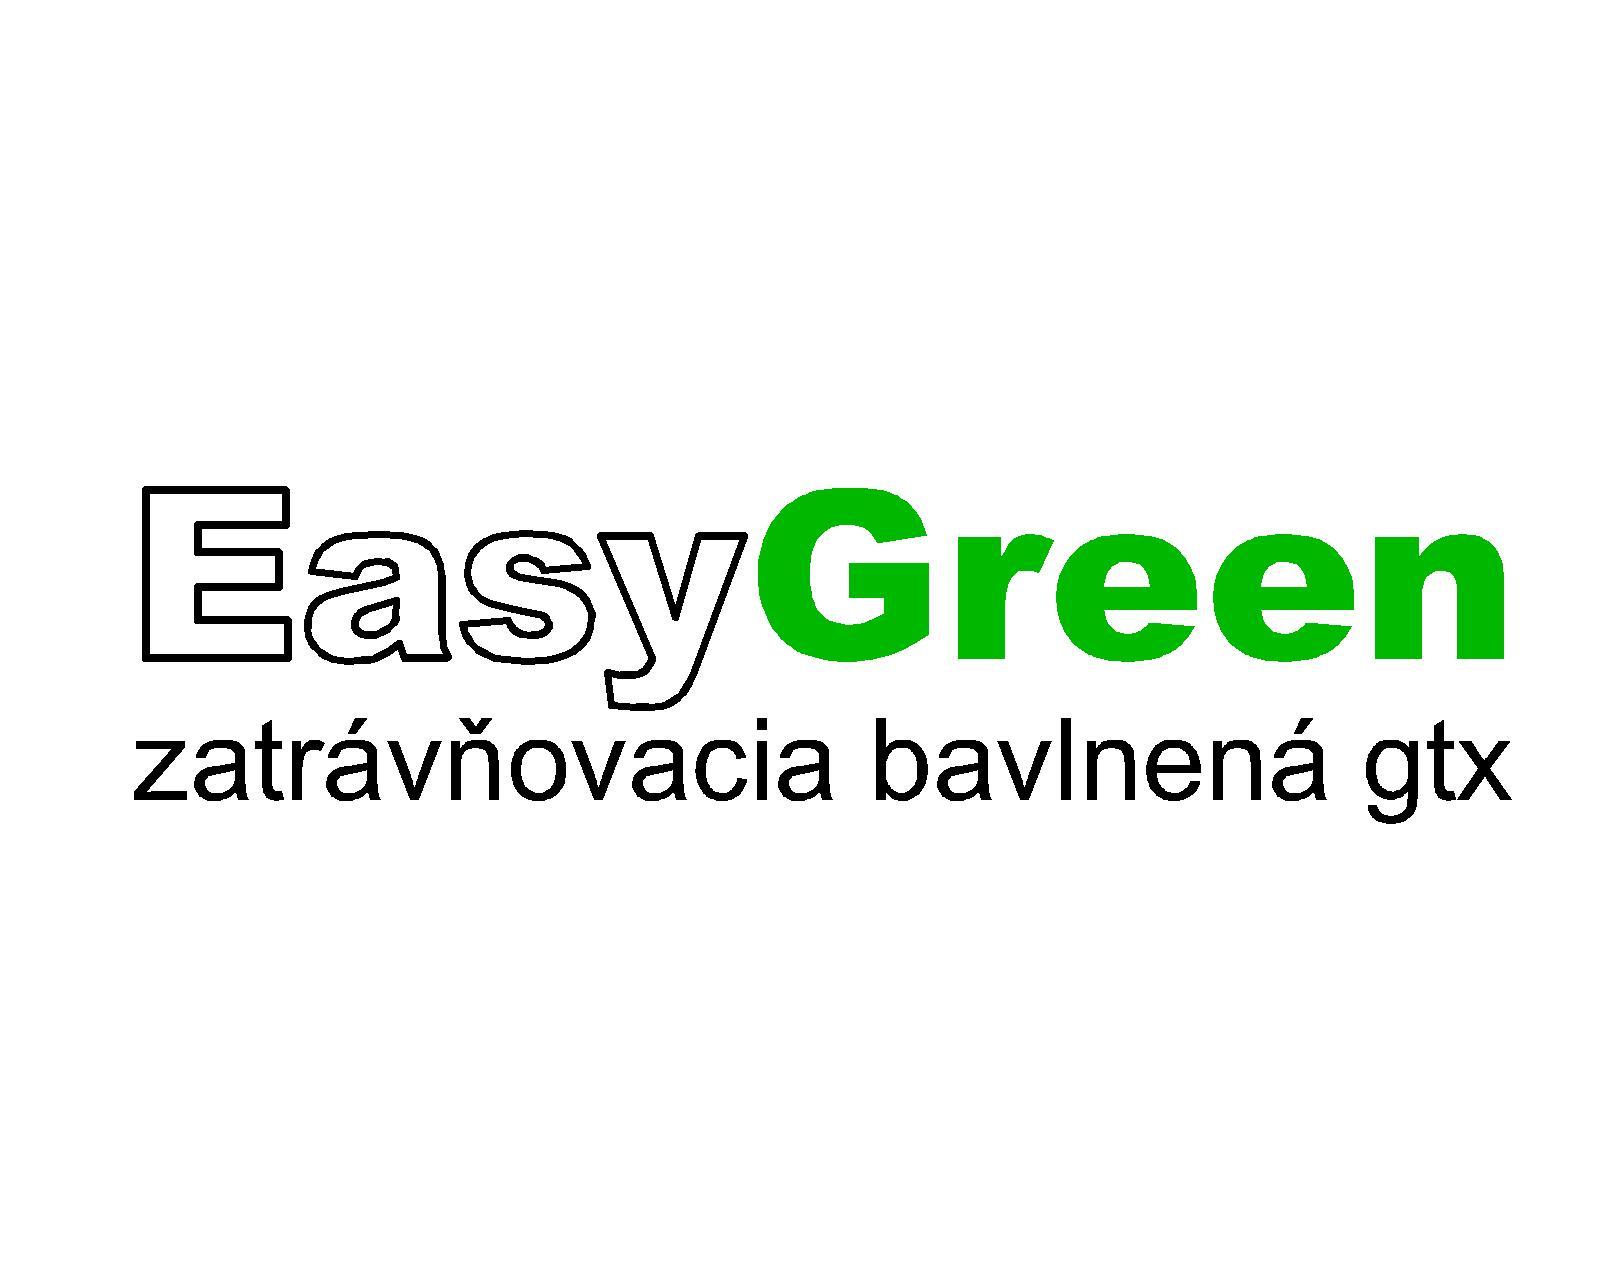 EasyGreen - zatrávňovacia bavlnená geotextília - Obrázok č. 1